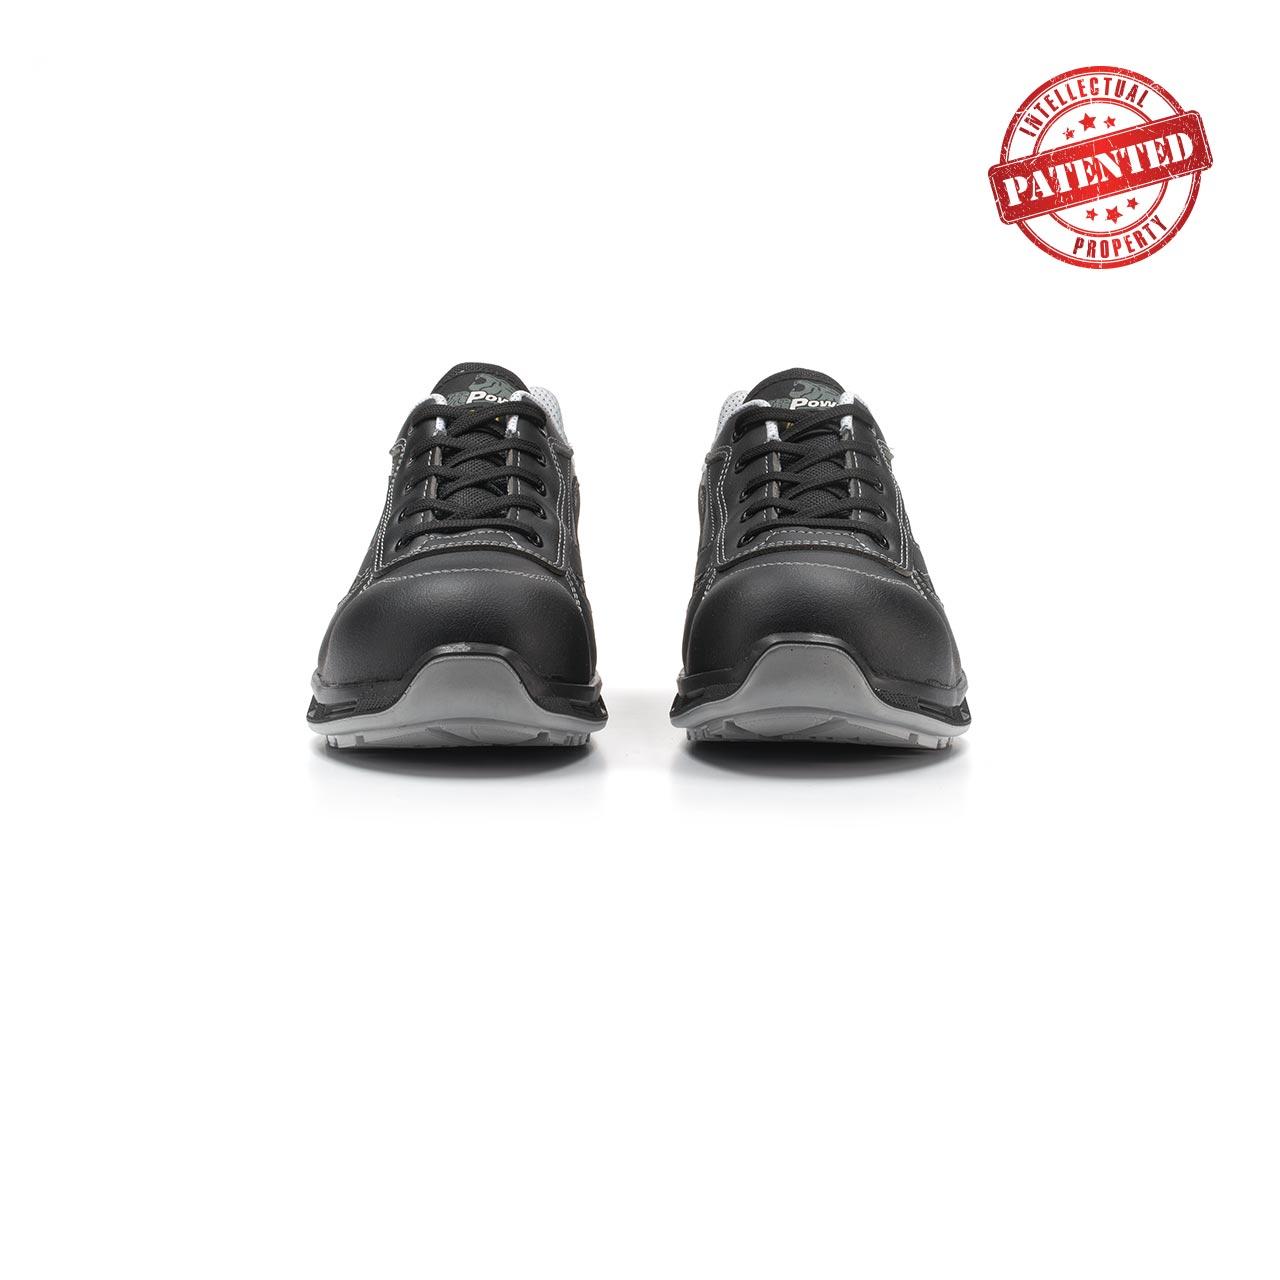 paio di scarpe antinfortunistiche upower modello linkin linea redlion vista frontale